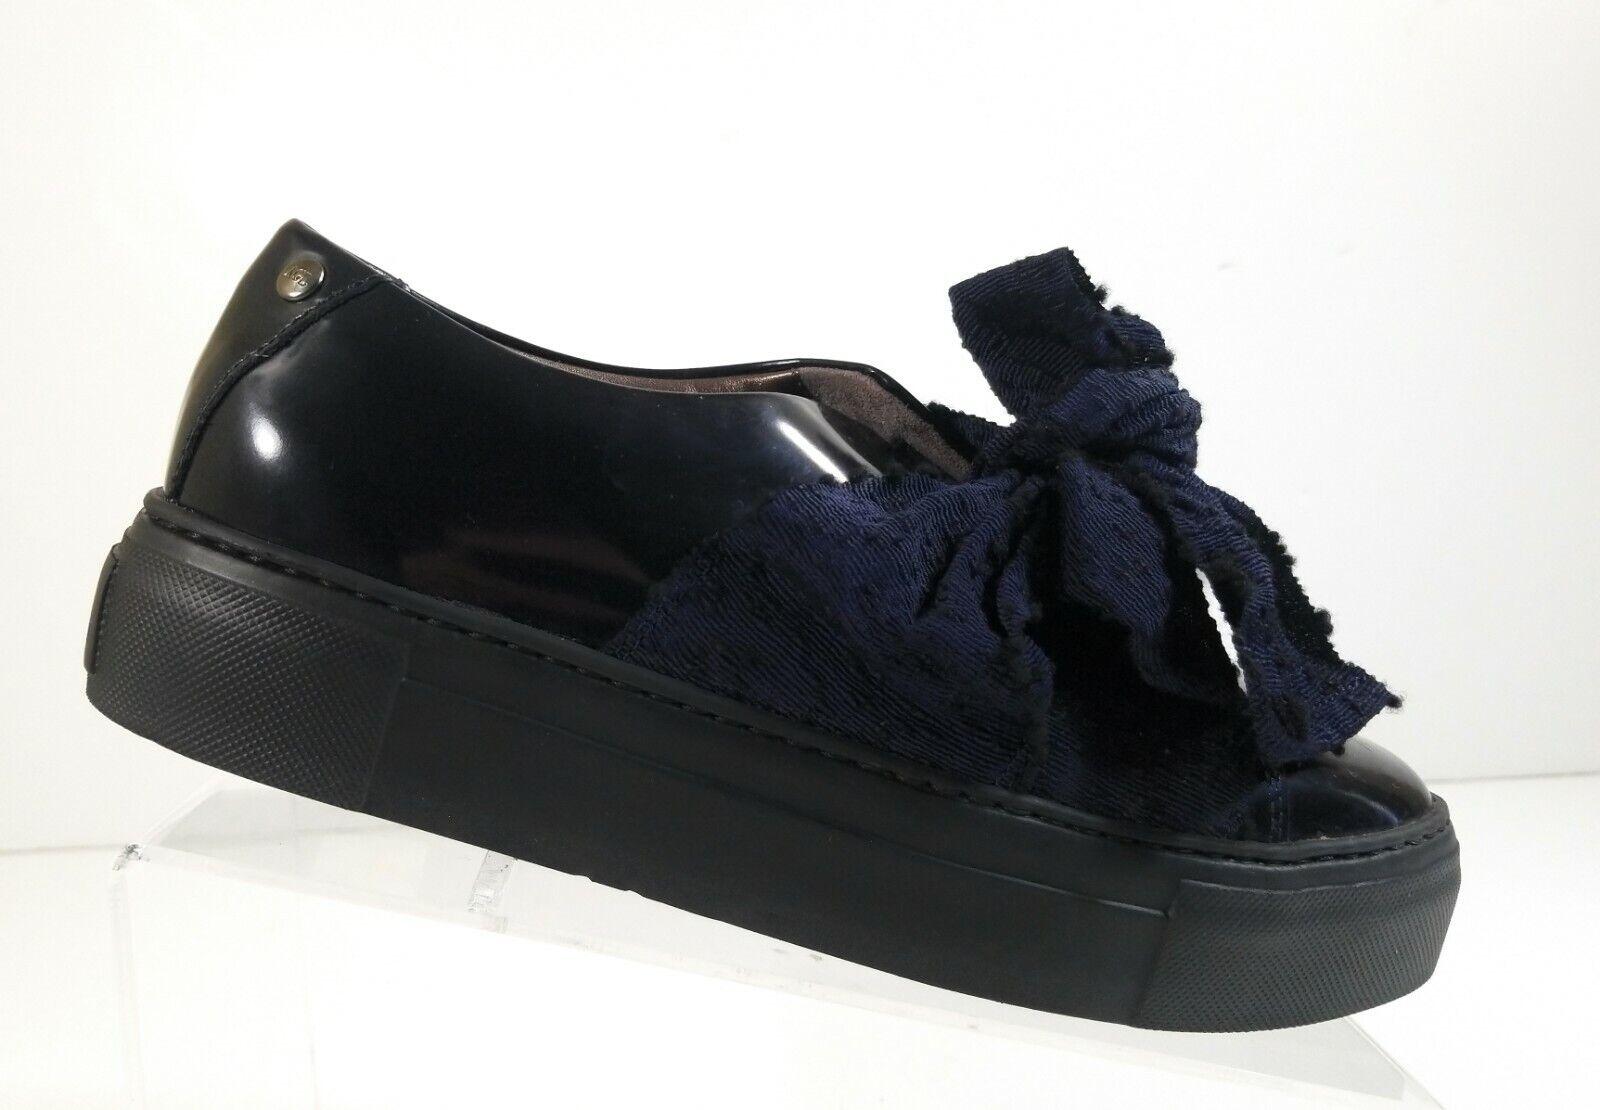 ny AGL kvinnor blå Lace Up Mode Patent Platform Platform Platform Bow skor Sz 42  hög kvalitet och snabb frakt